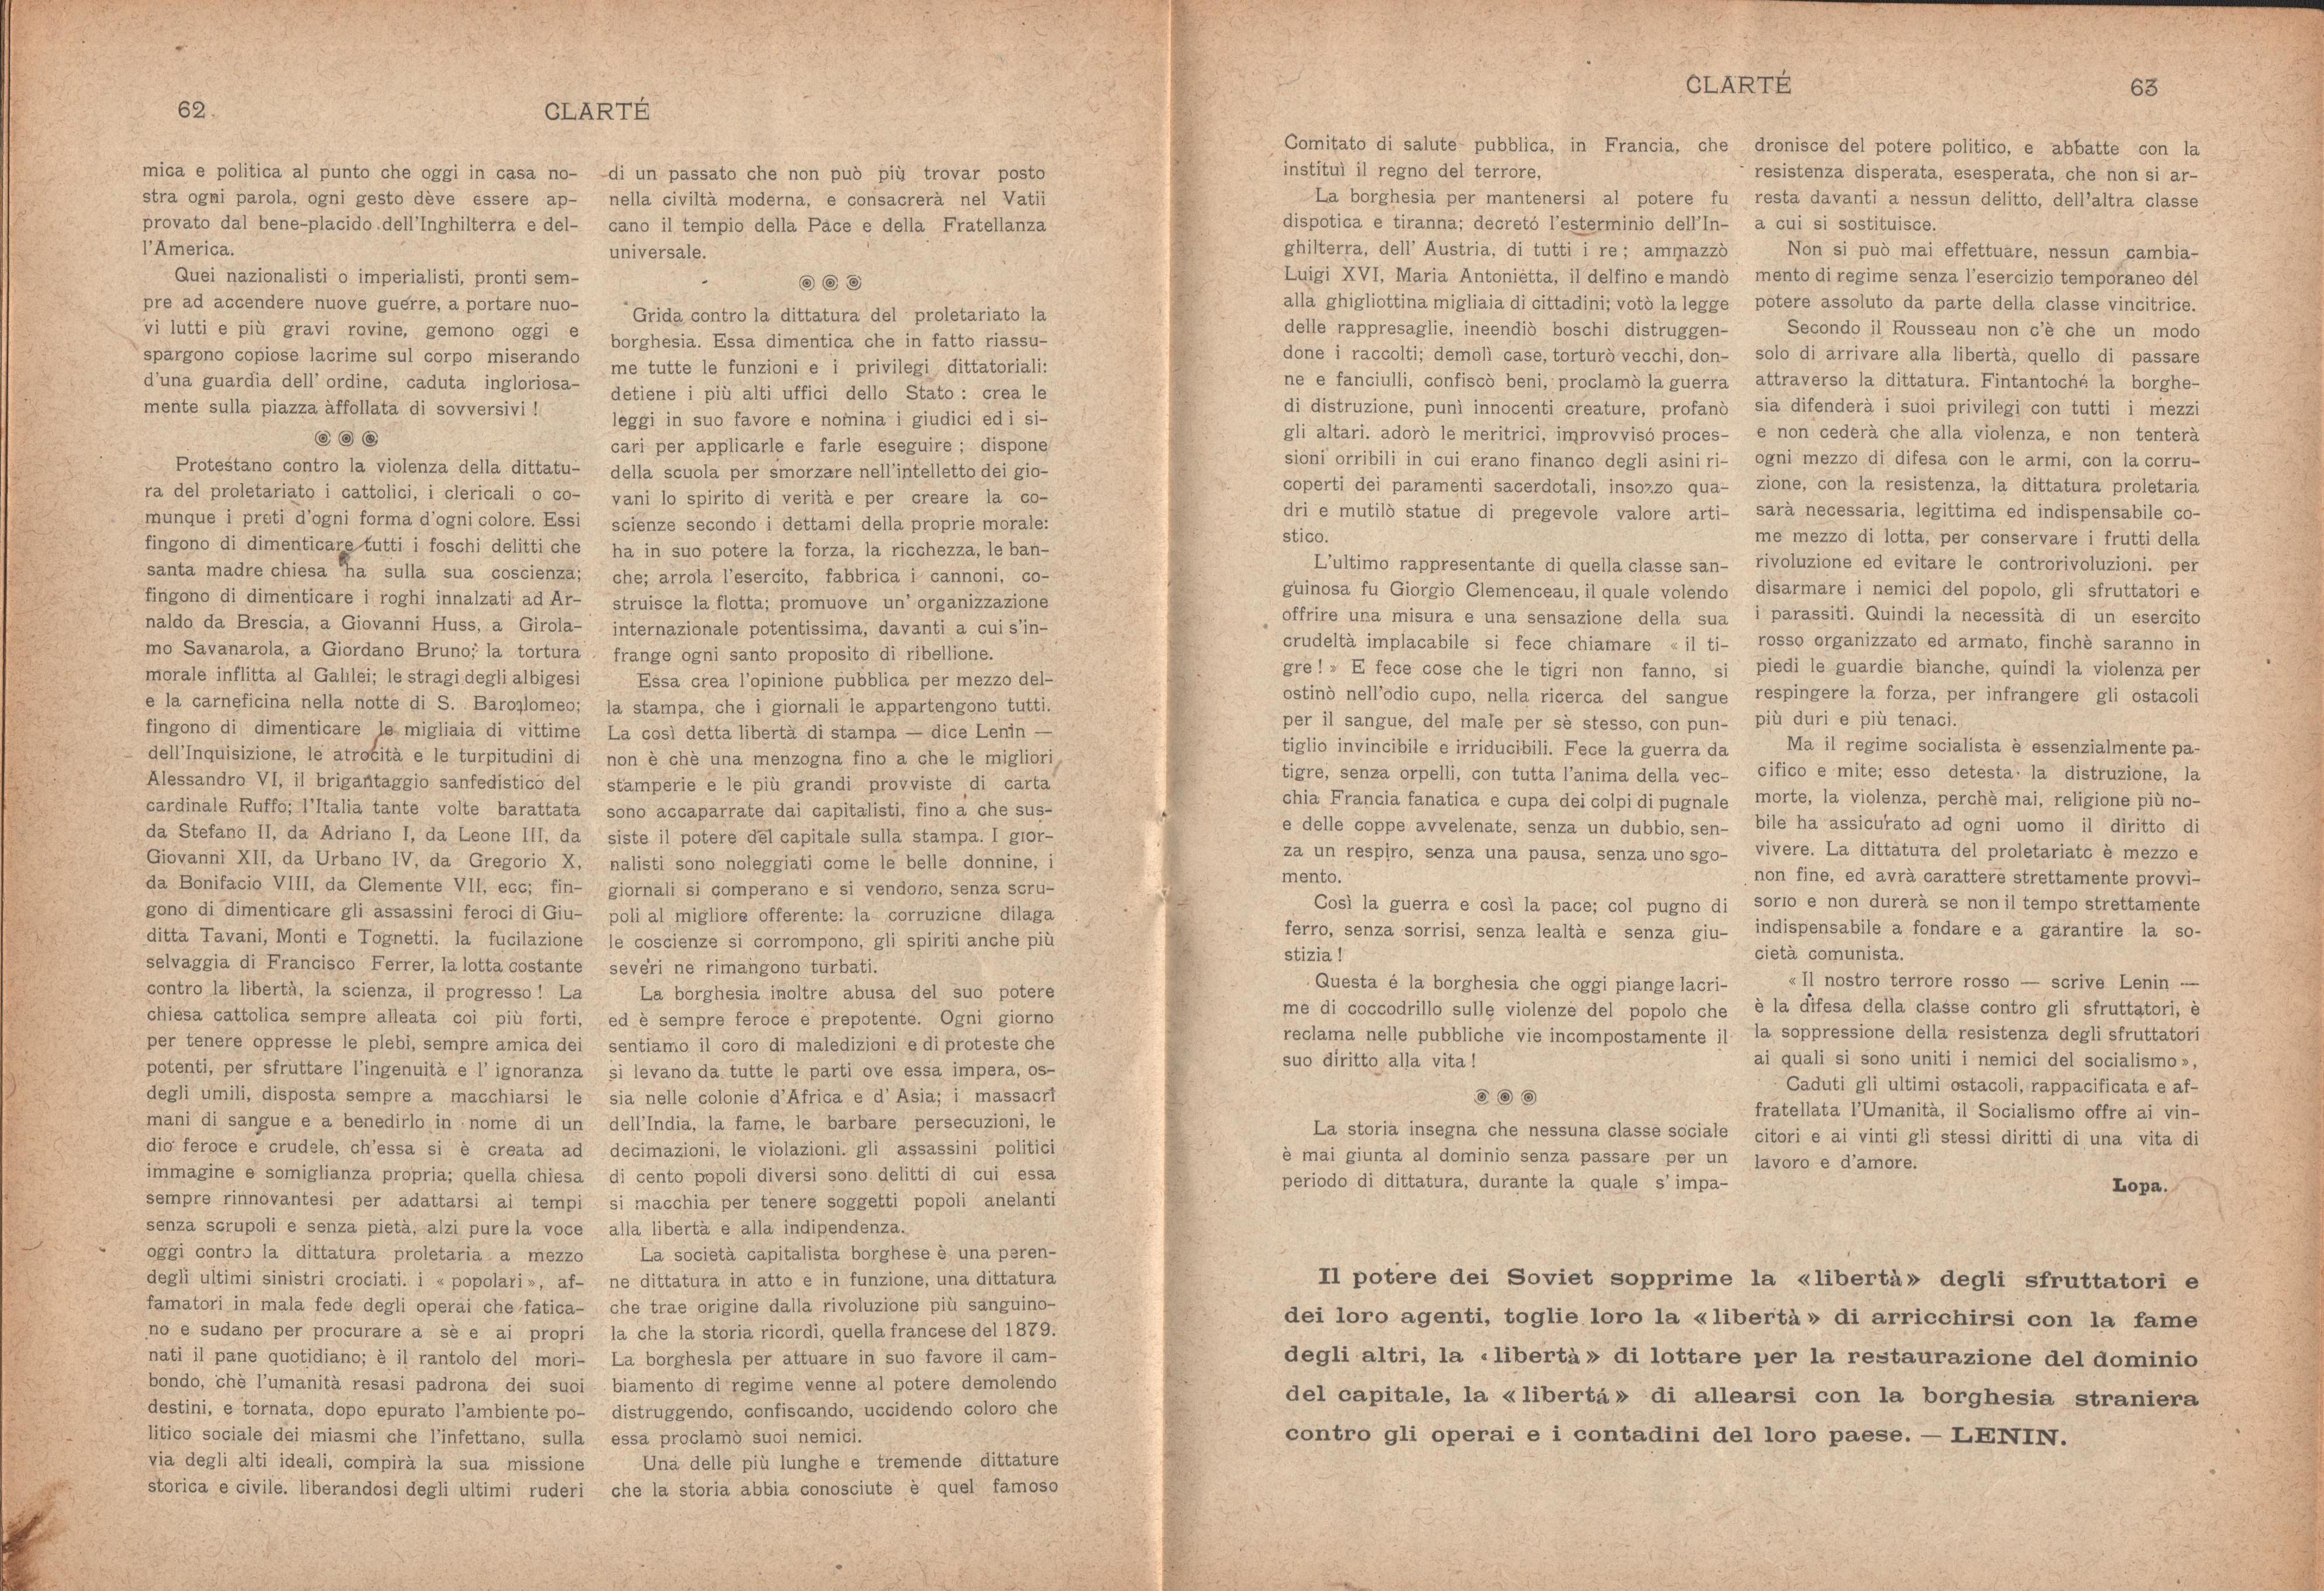 Clarté. Rivista mensile degli studenti comunisti (a. I, n. 3, Palermo, 15 luglio 1920) - pag. 9